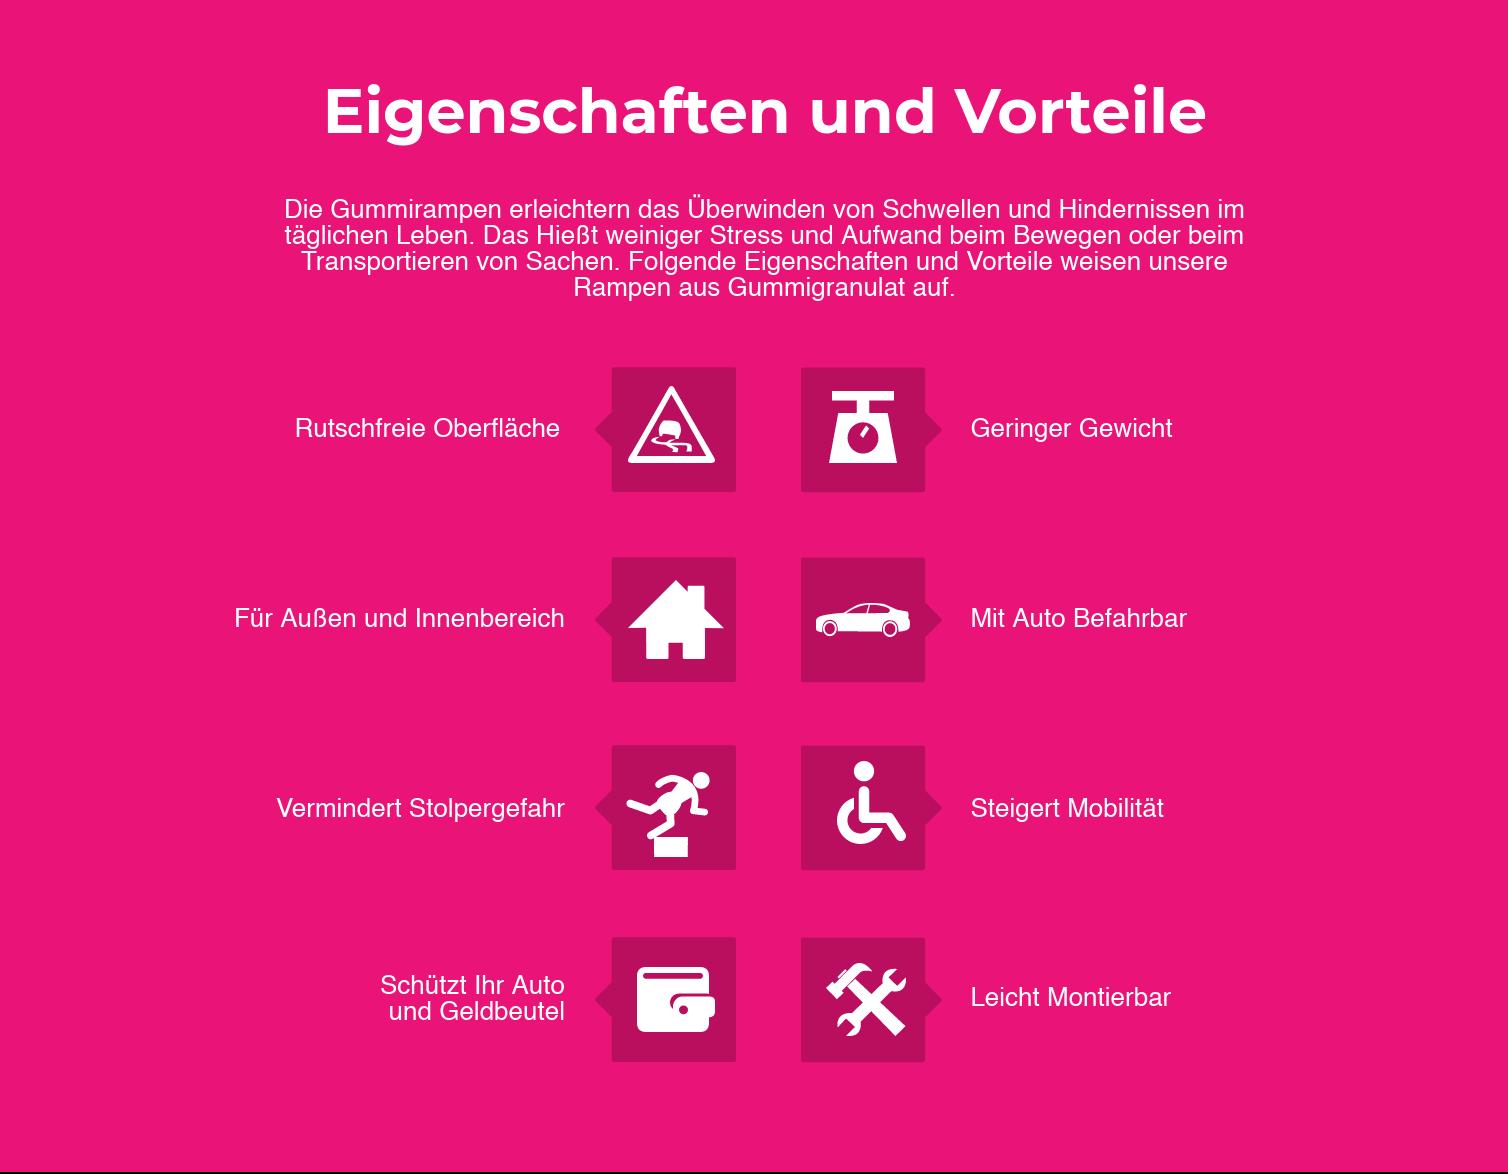 Eigenschaften: Rutschfrei, Mit Auto Befahrbar